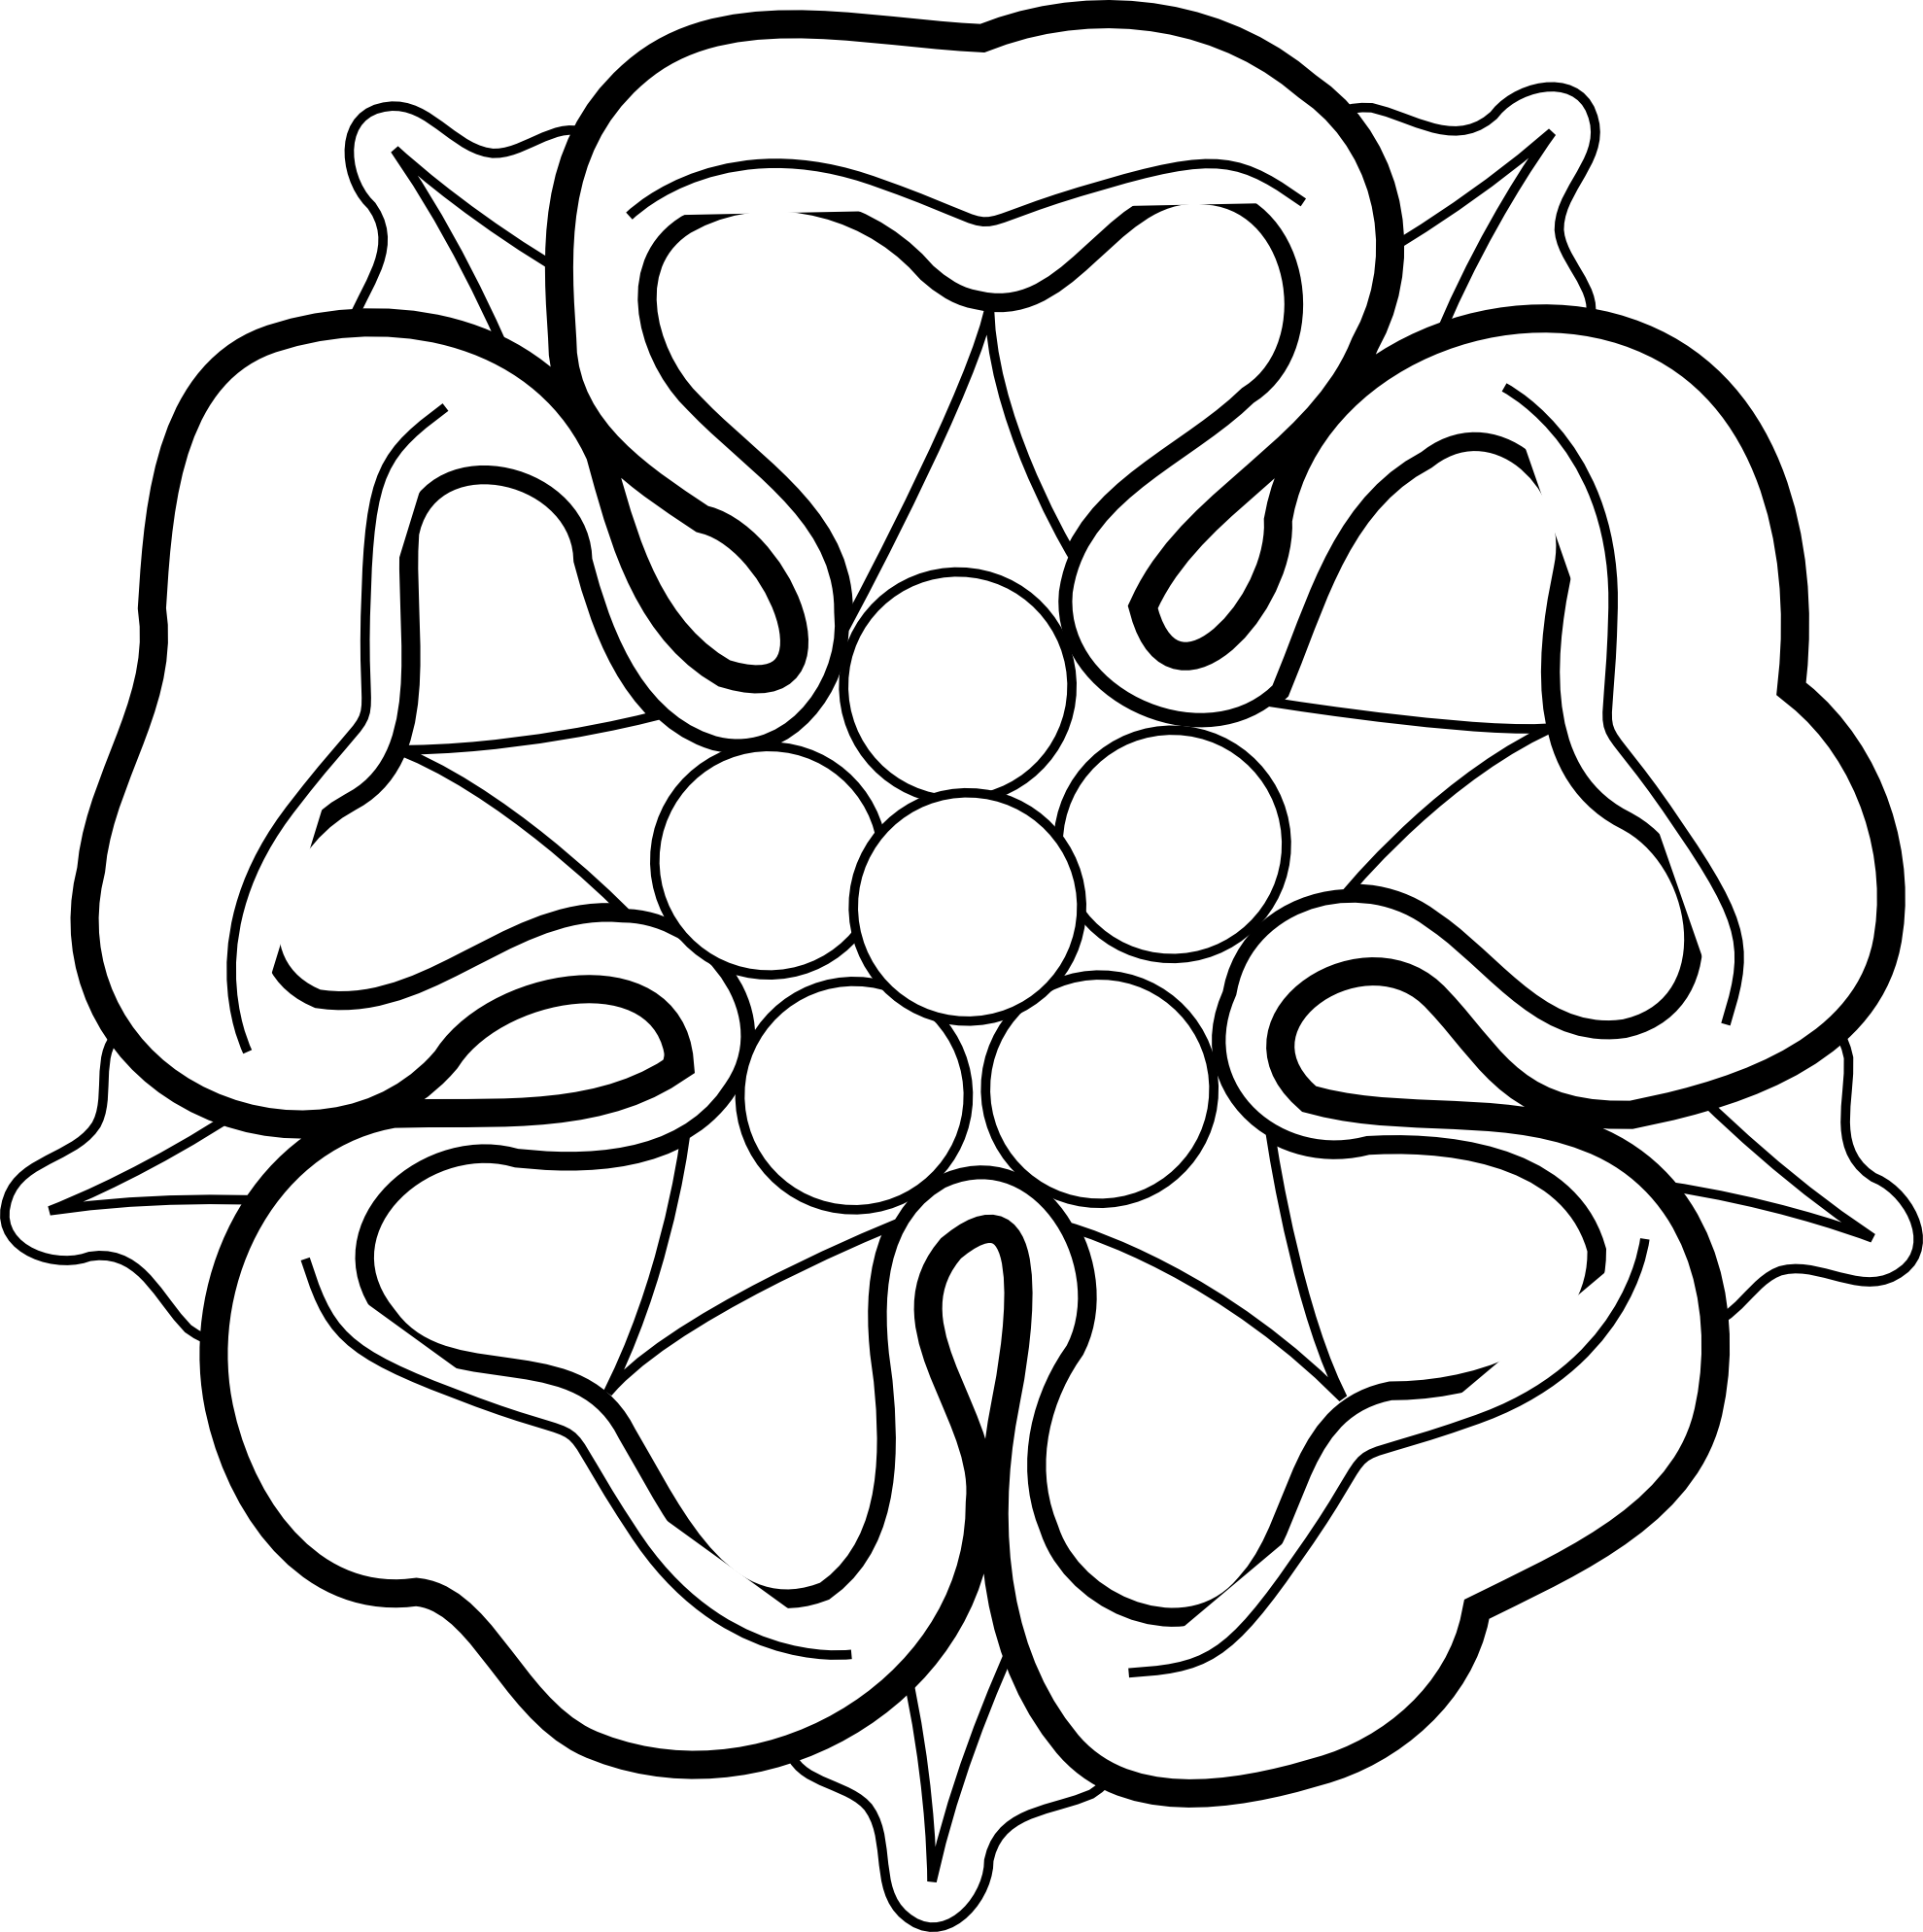 Rose clipart black and white. Knumathise images